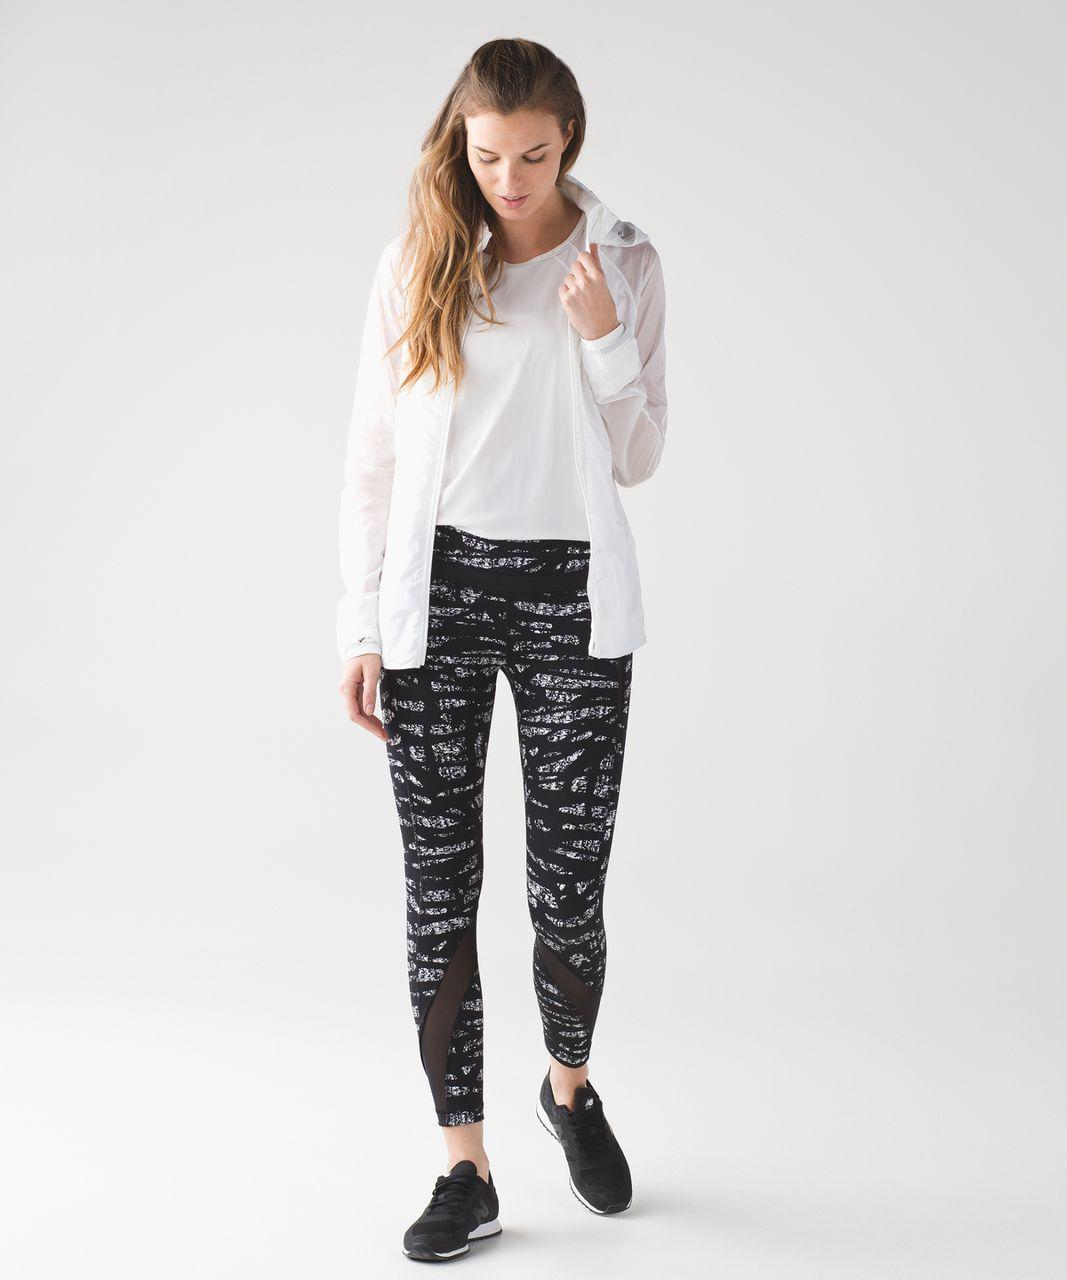 Lululemon Inspire Tight II - Graf Black White / Black